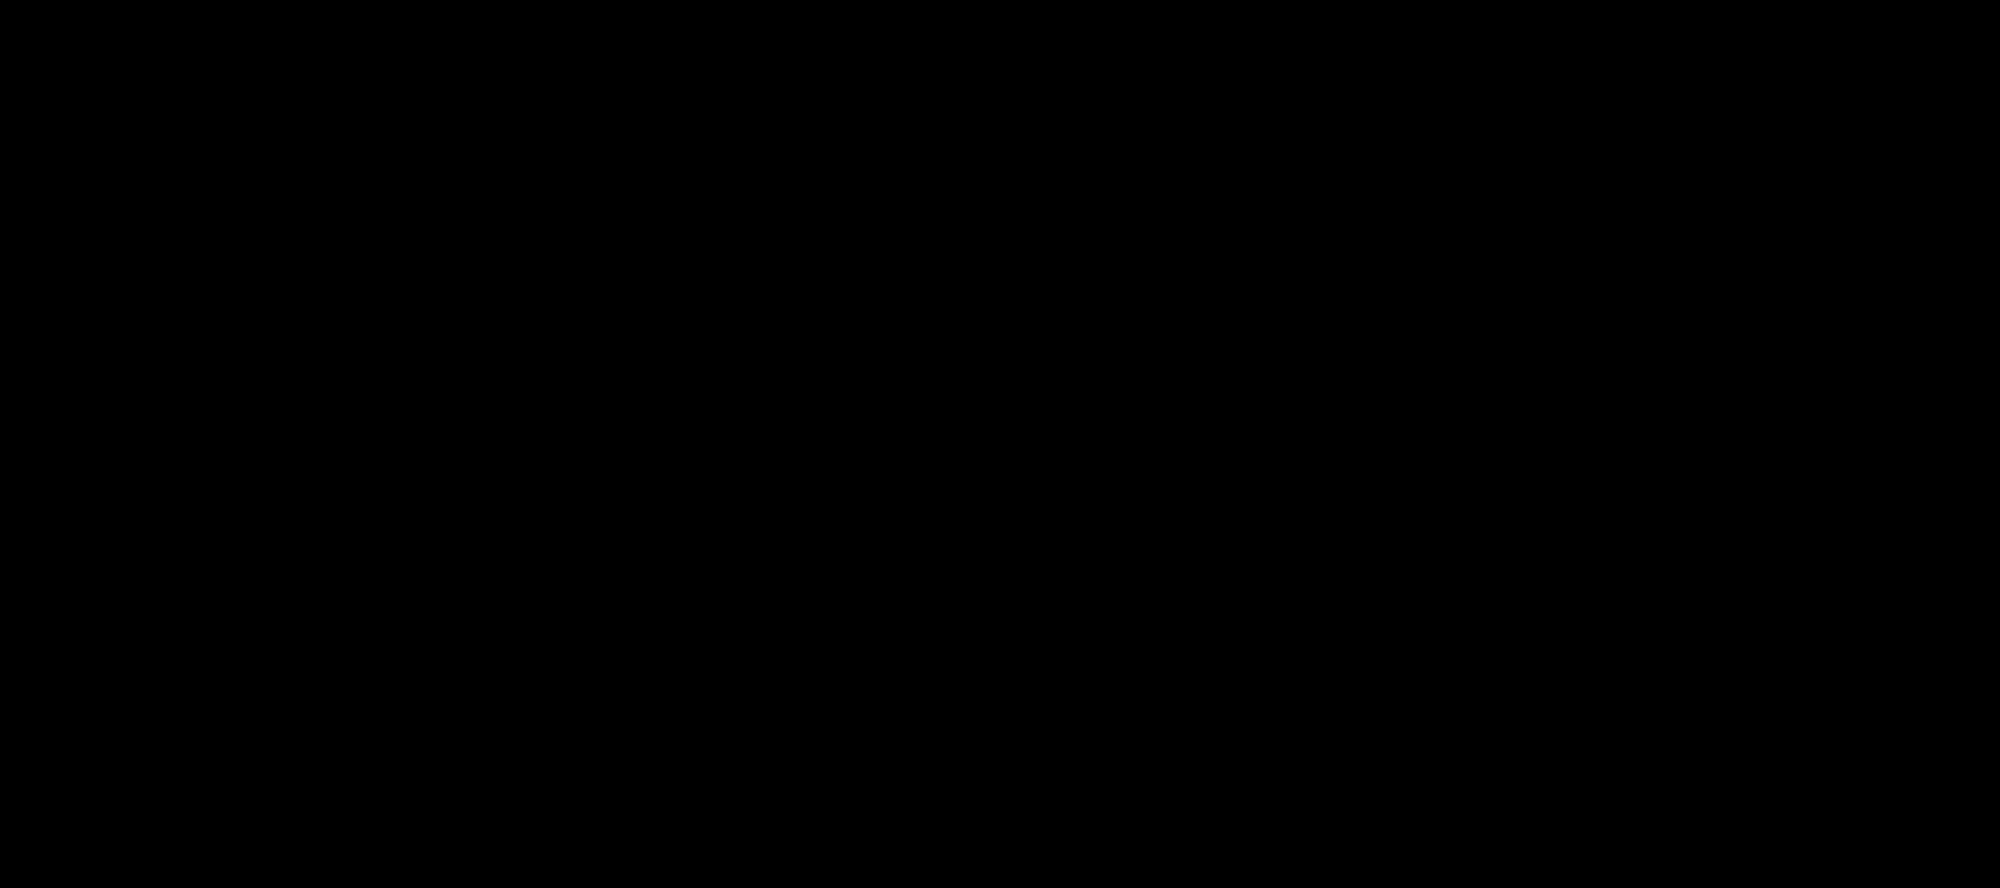 Bat PNG - 10210